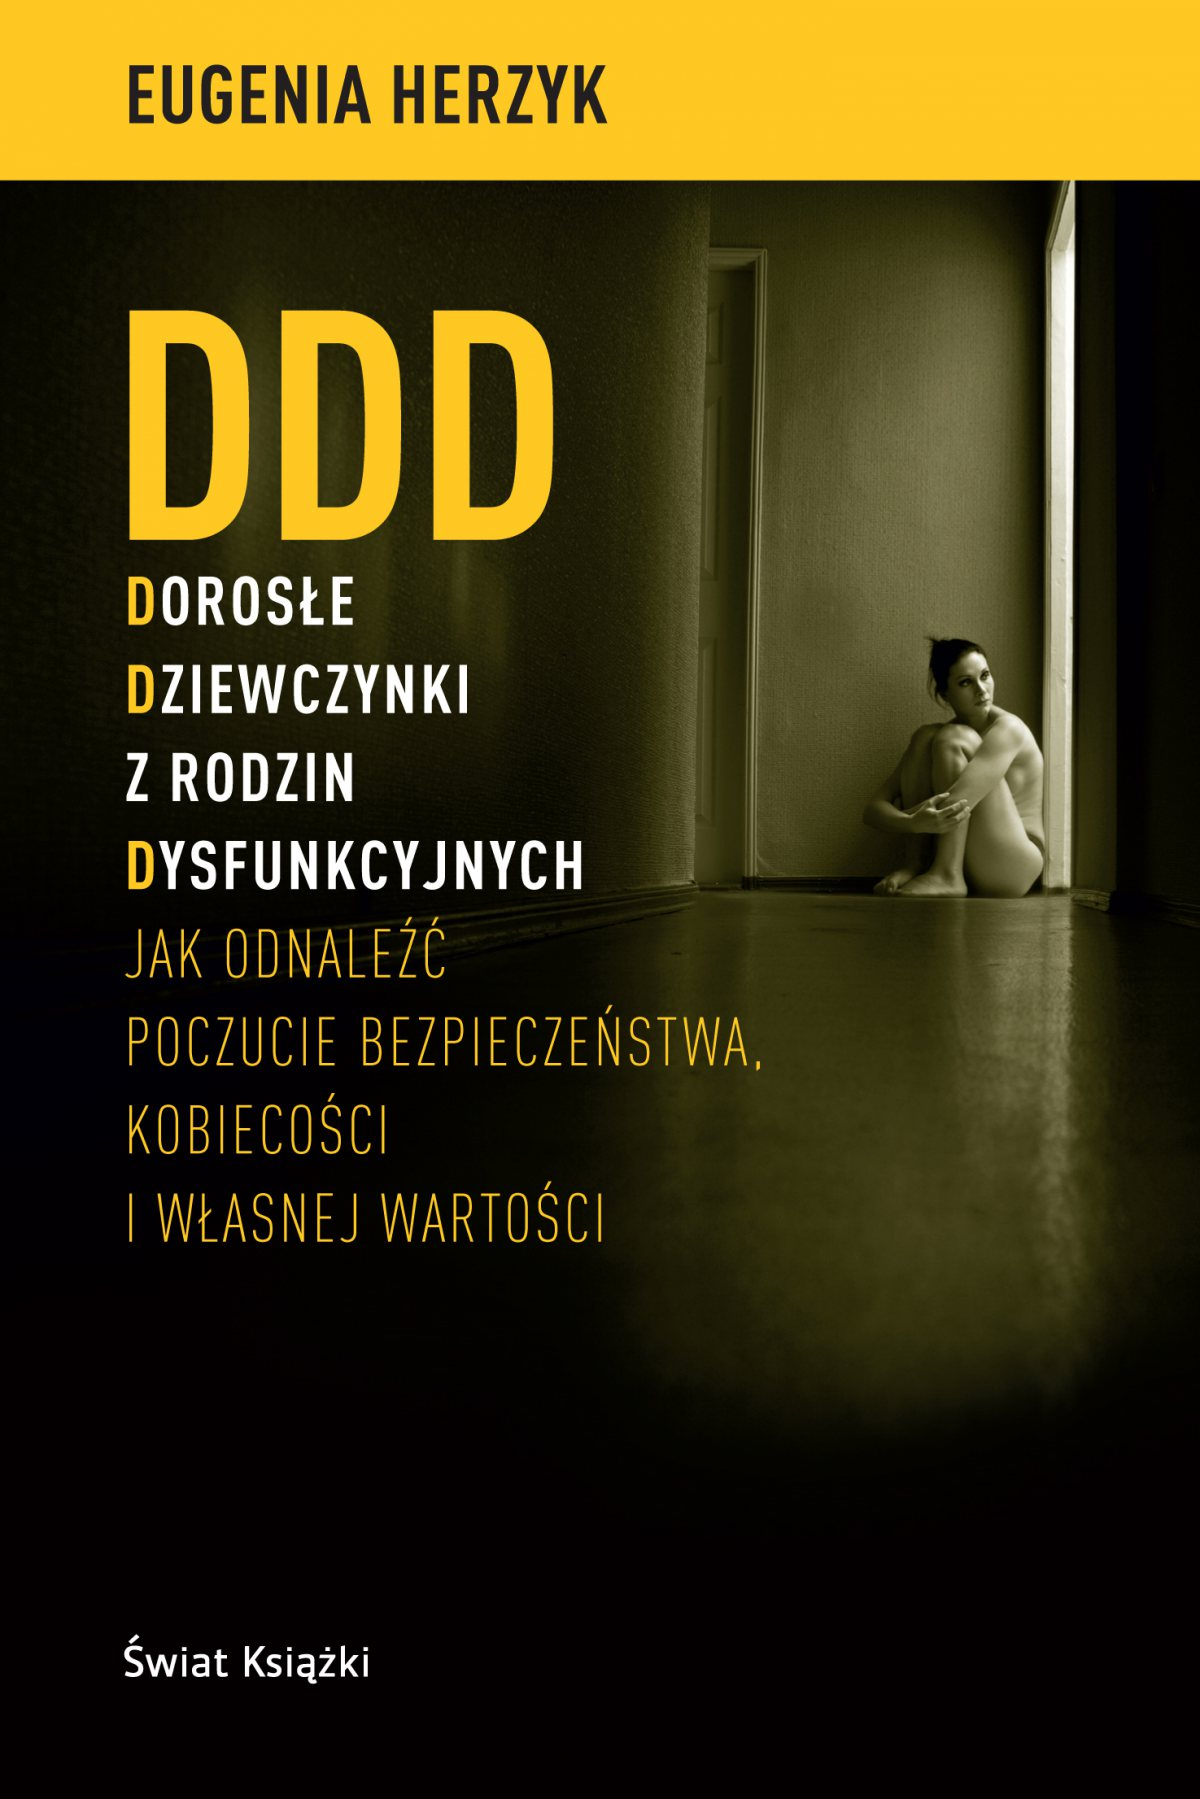 DDD Dorosłe Dziewczynki z rodzin Dysfunkcyjnych - Ebook (Książka EPUB) do pobrania w formacie EPUB